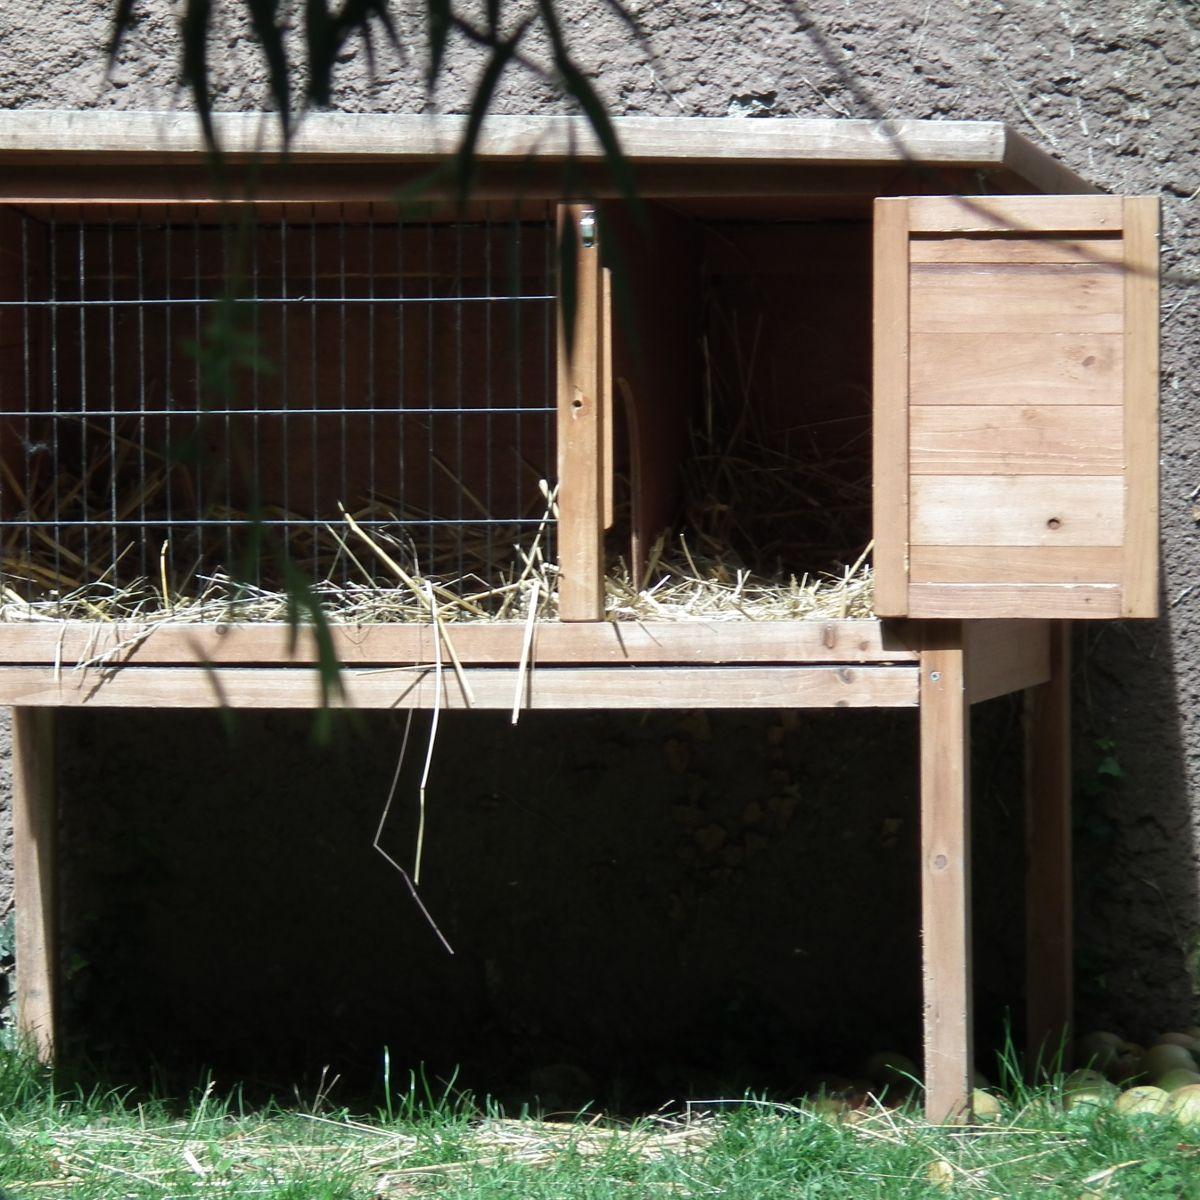 kanichenstall selber bauen oder hasenstall selber bauen, hier gibt